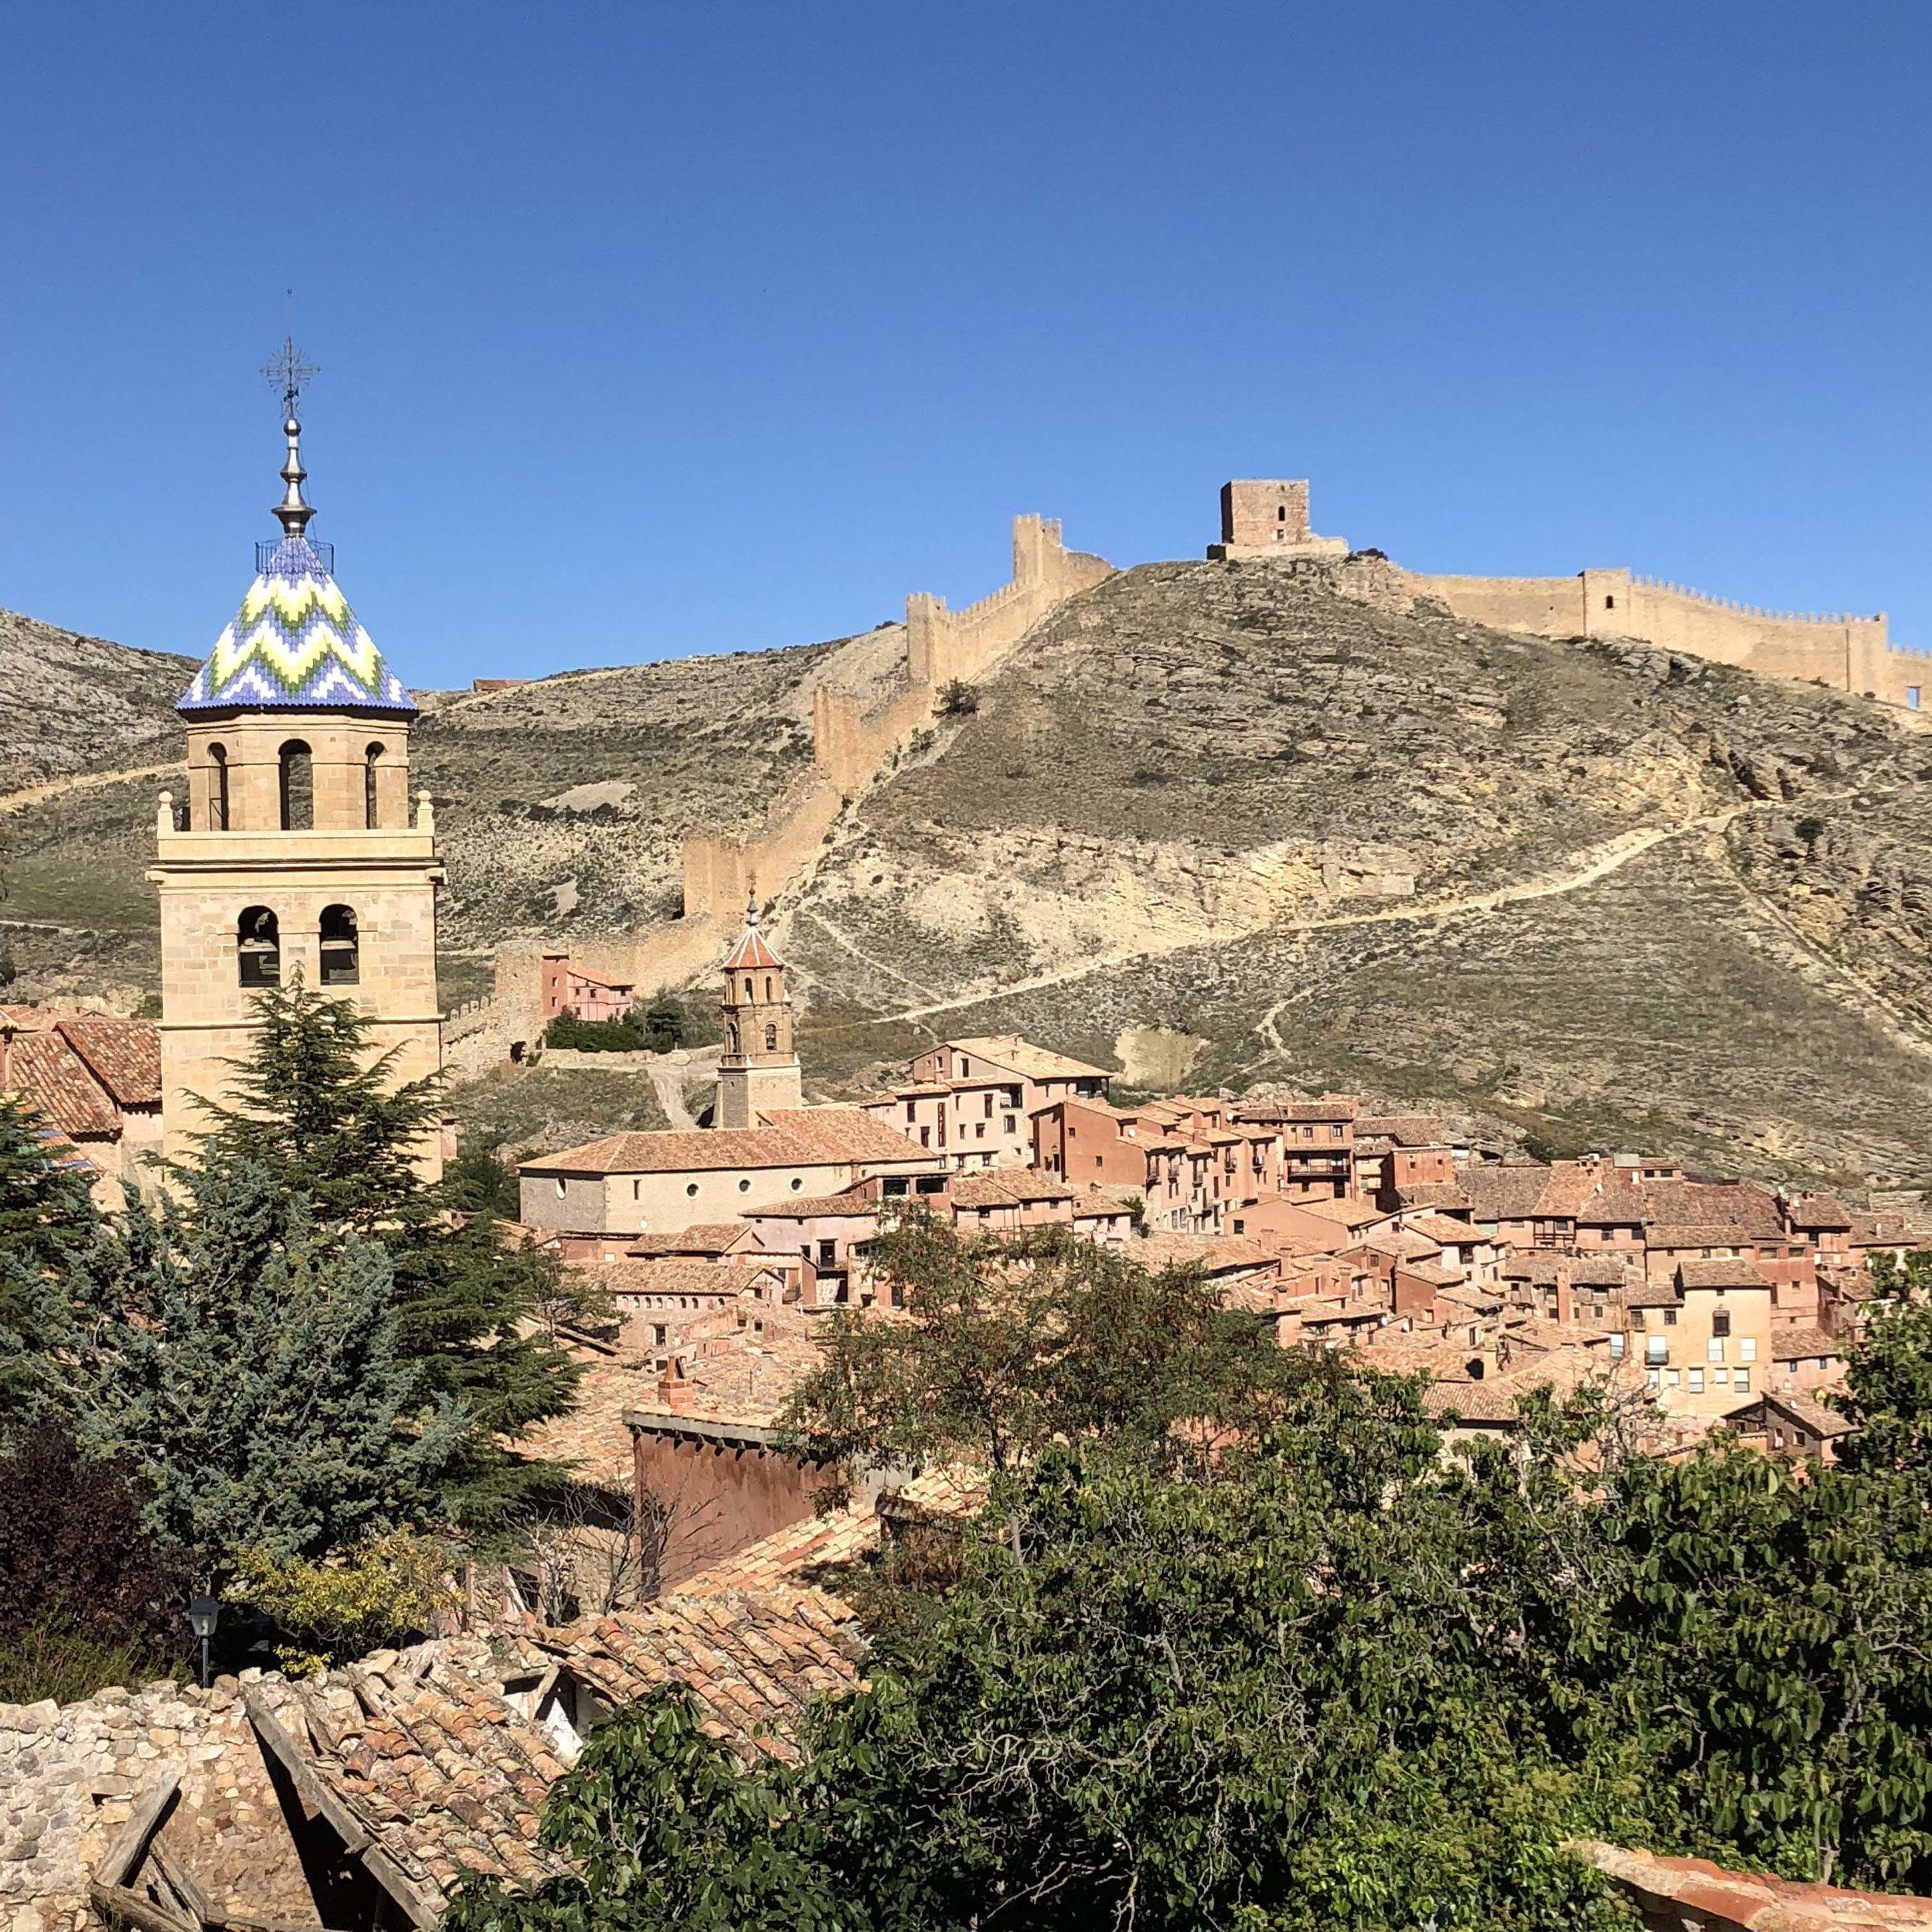 Vista con la torre de la catedral en primer término.